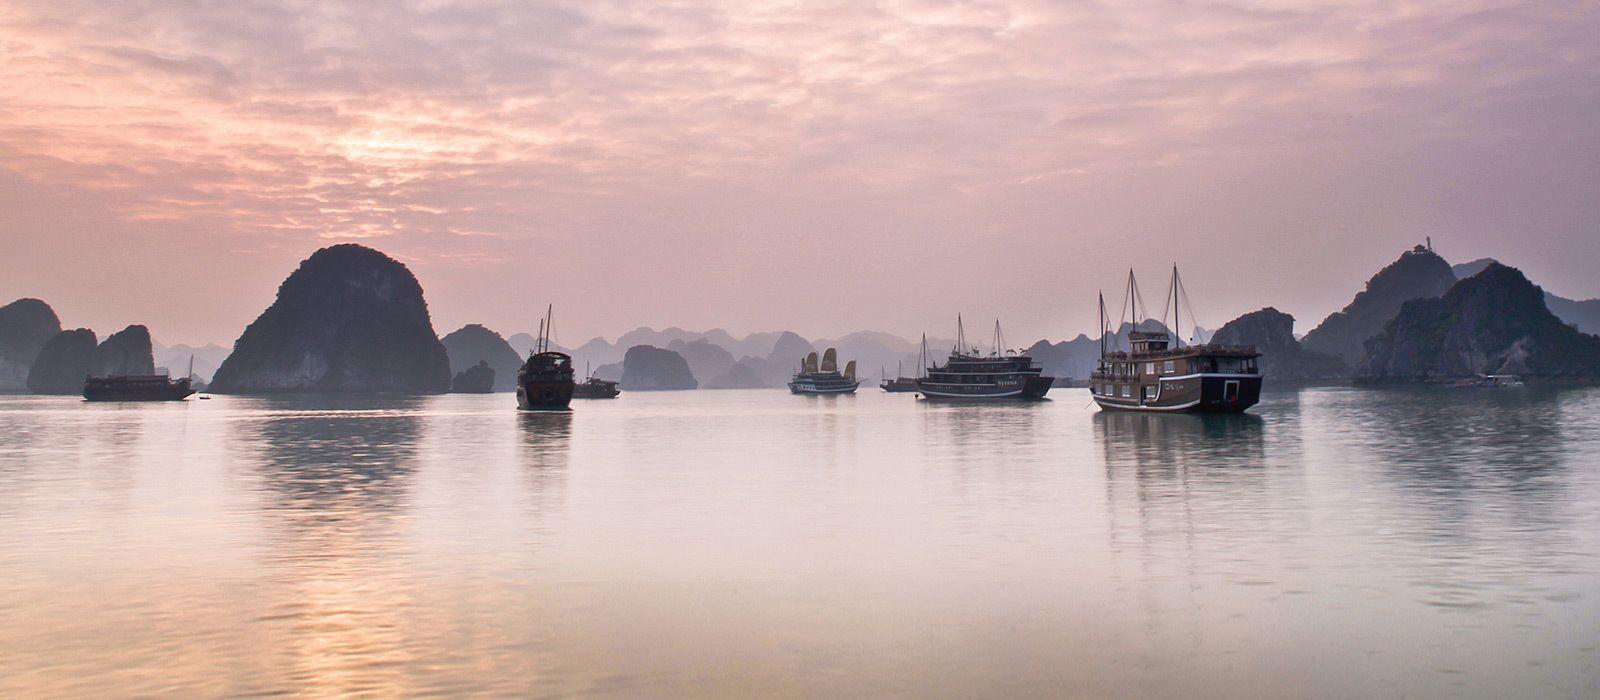 Luxurious Highlights of Vietnam Tour Trip 2